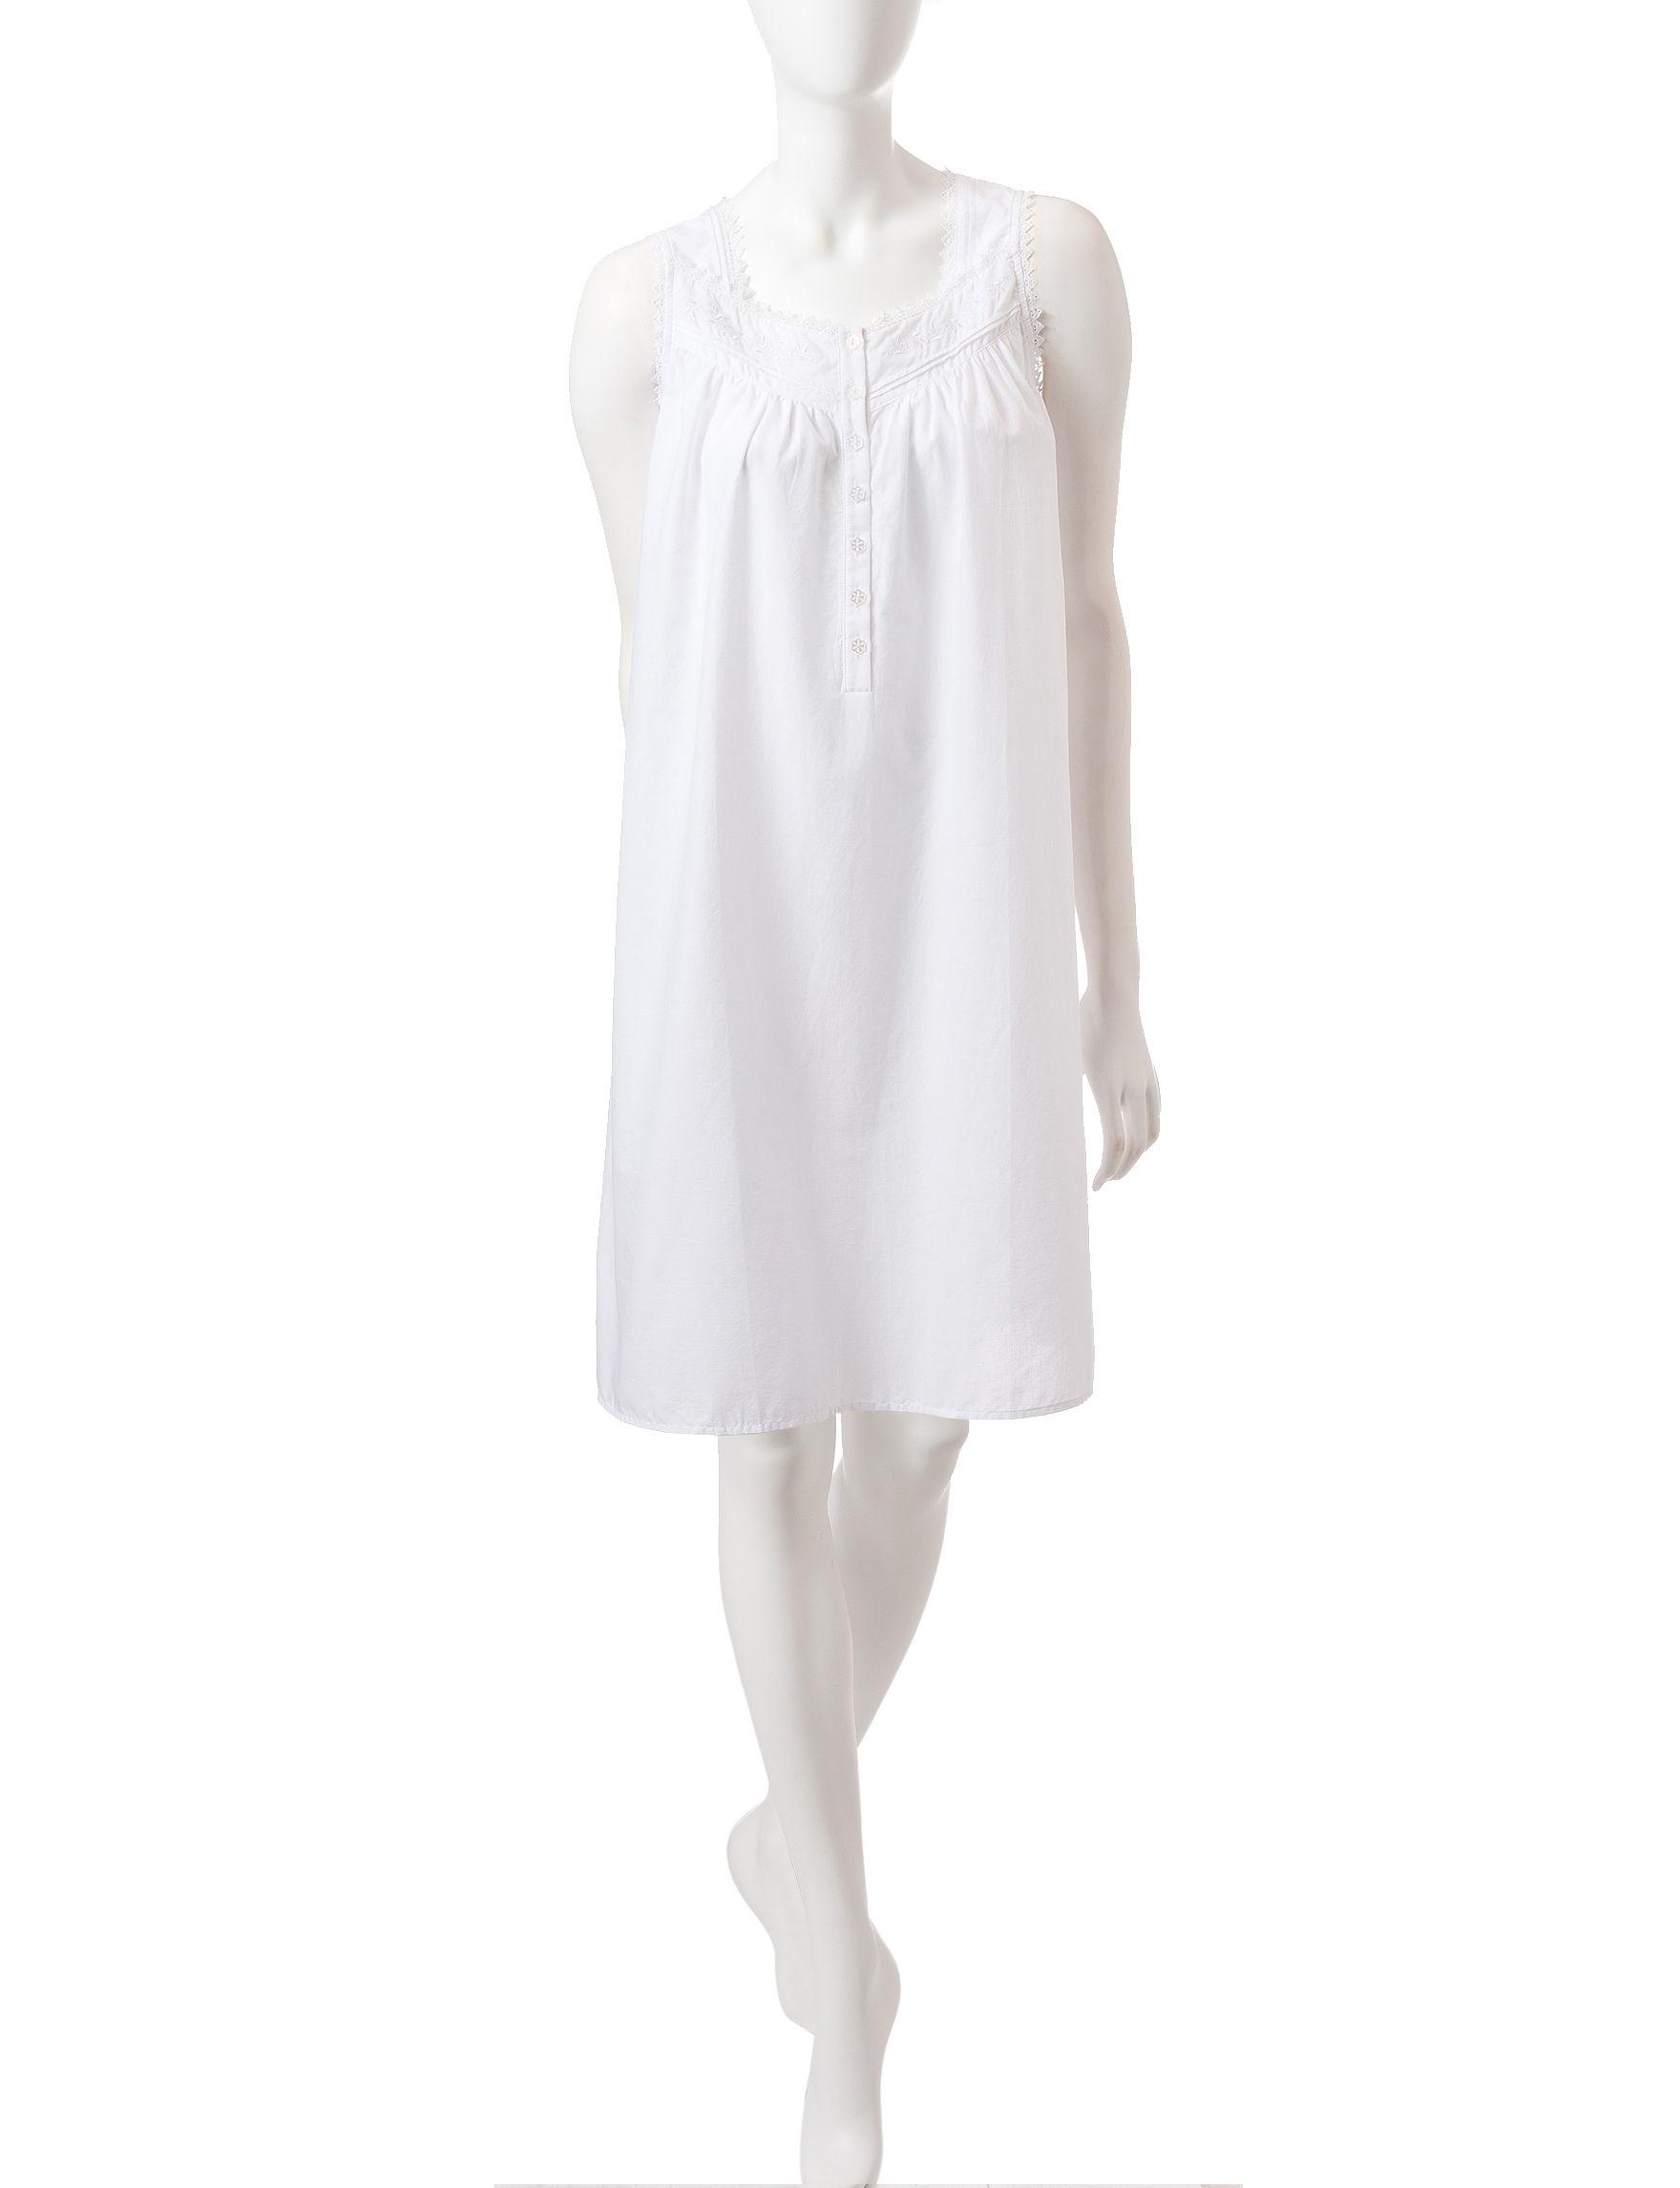 Jasmine Rose White Nightgowns & Sleep Shirts